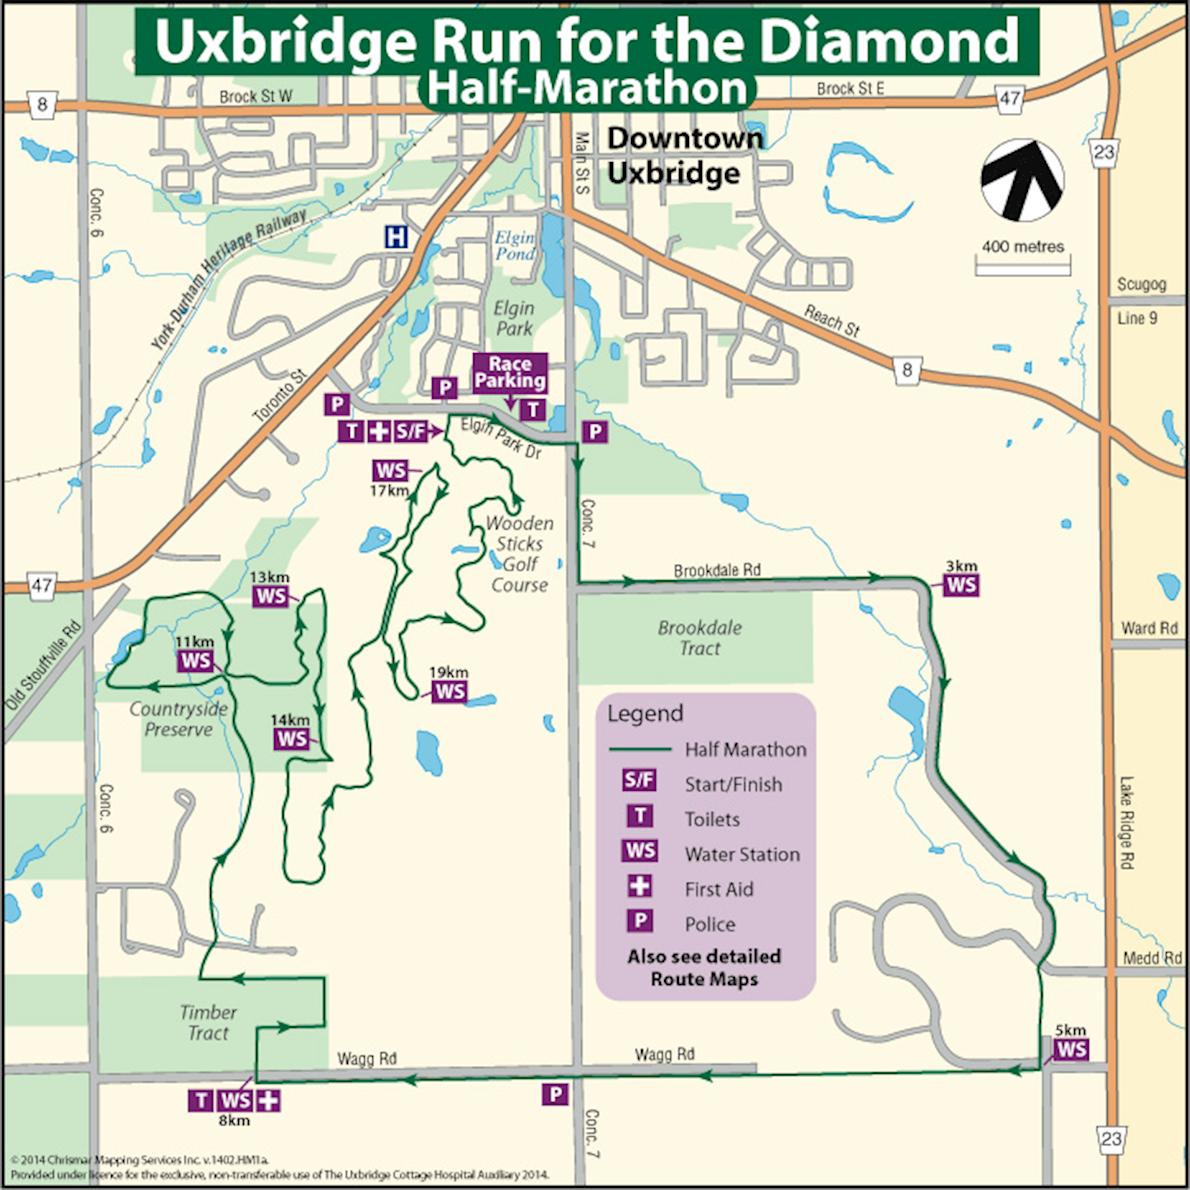 Uxbridge Half Marathon - Run for the Diamond Routenkarte